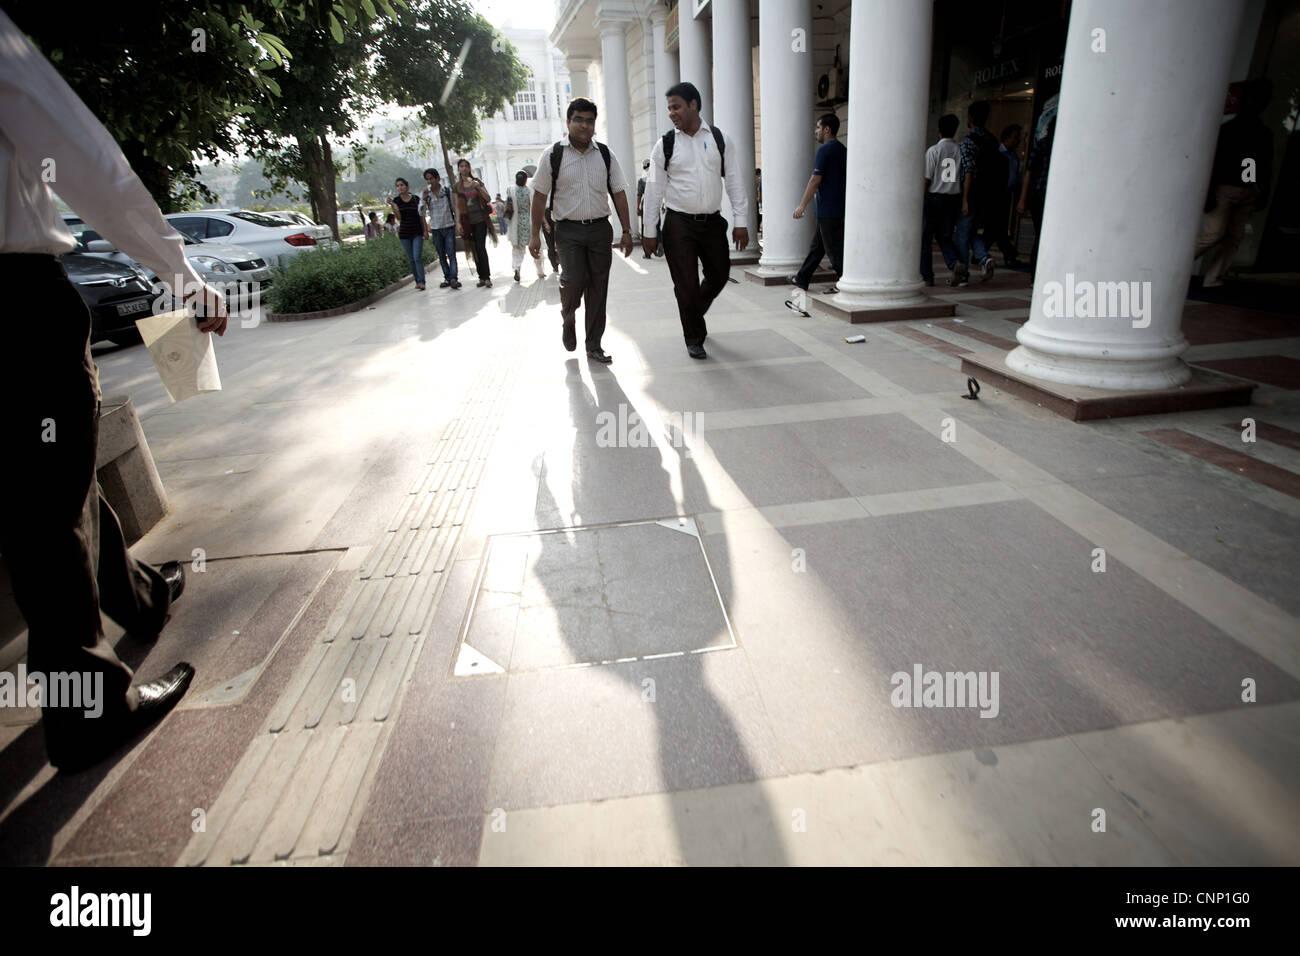 Gli amanti dello shopping a Connaught Place in New Delhi, India. Immagini Stock